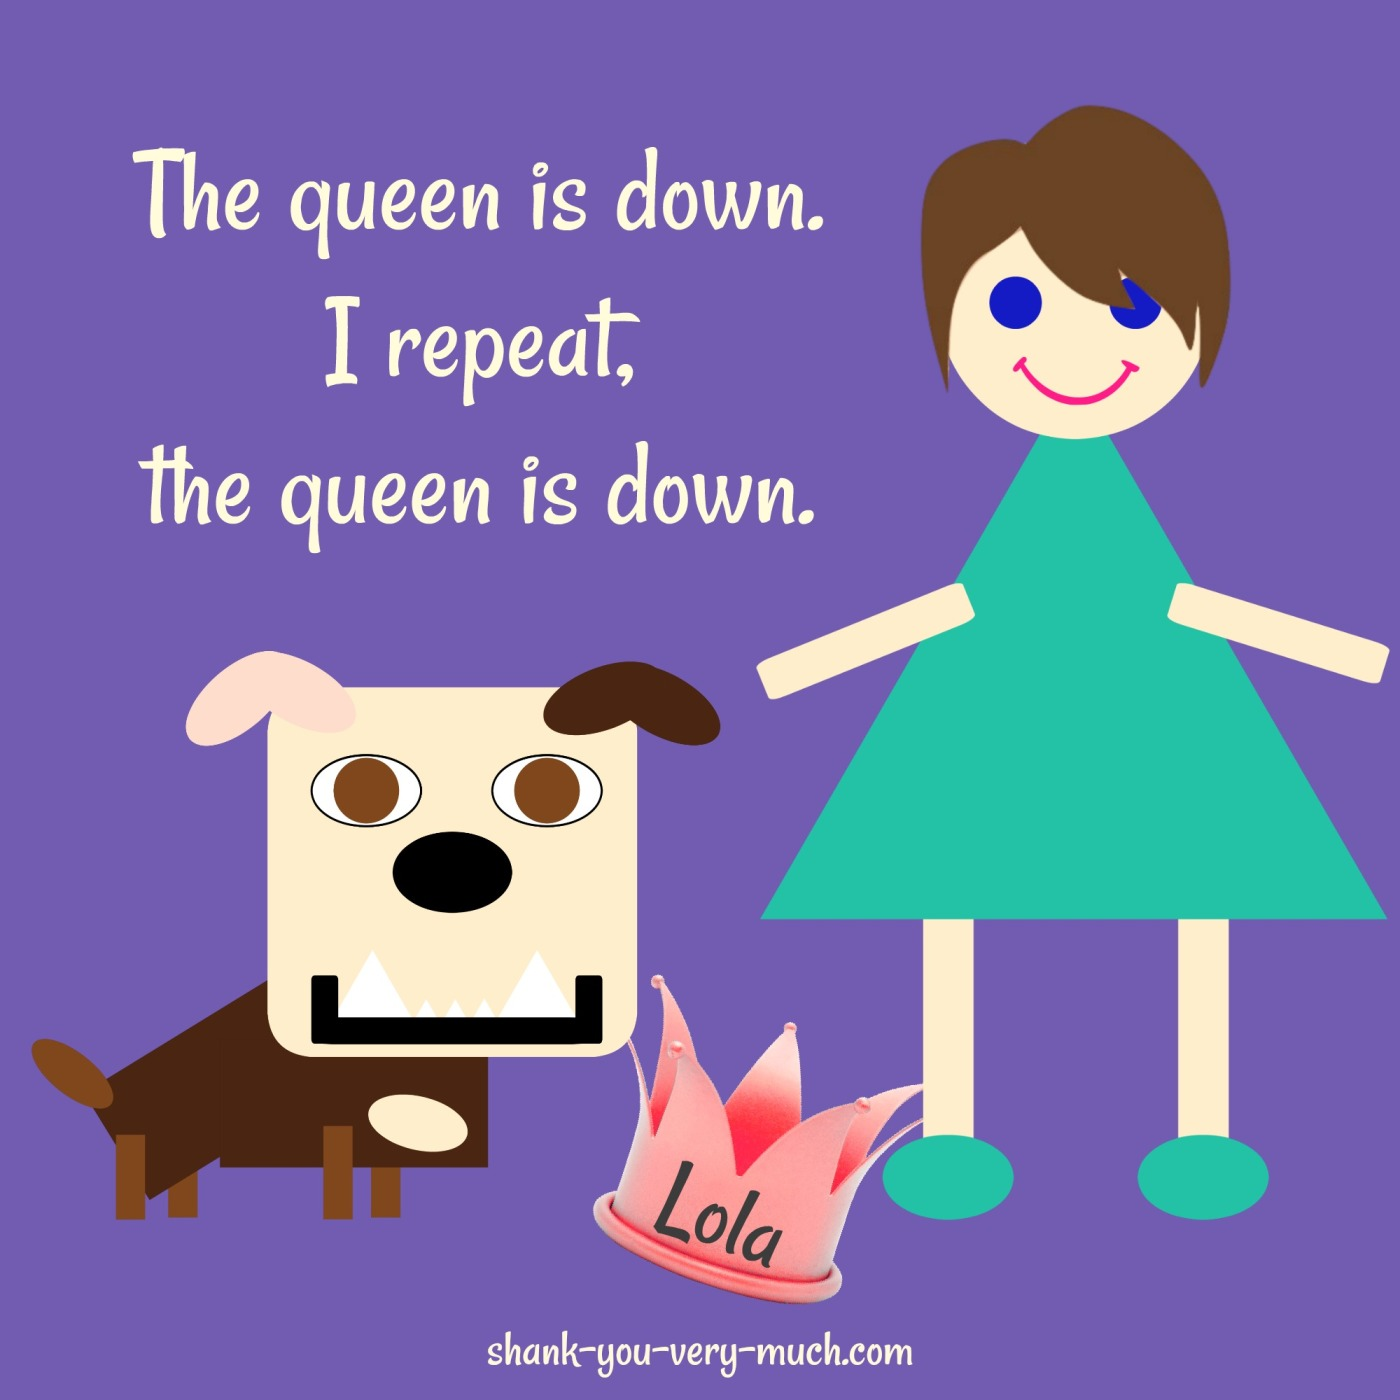 Lola queen is down